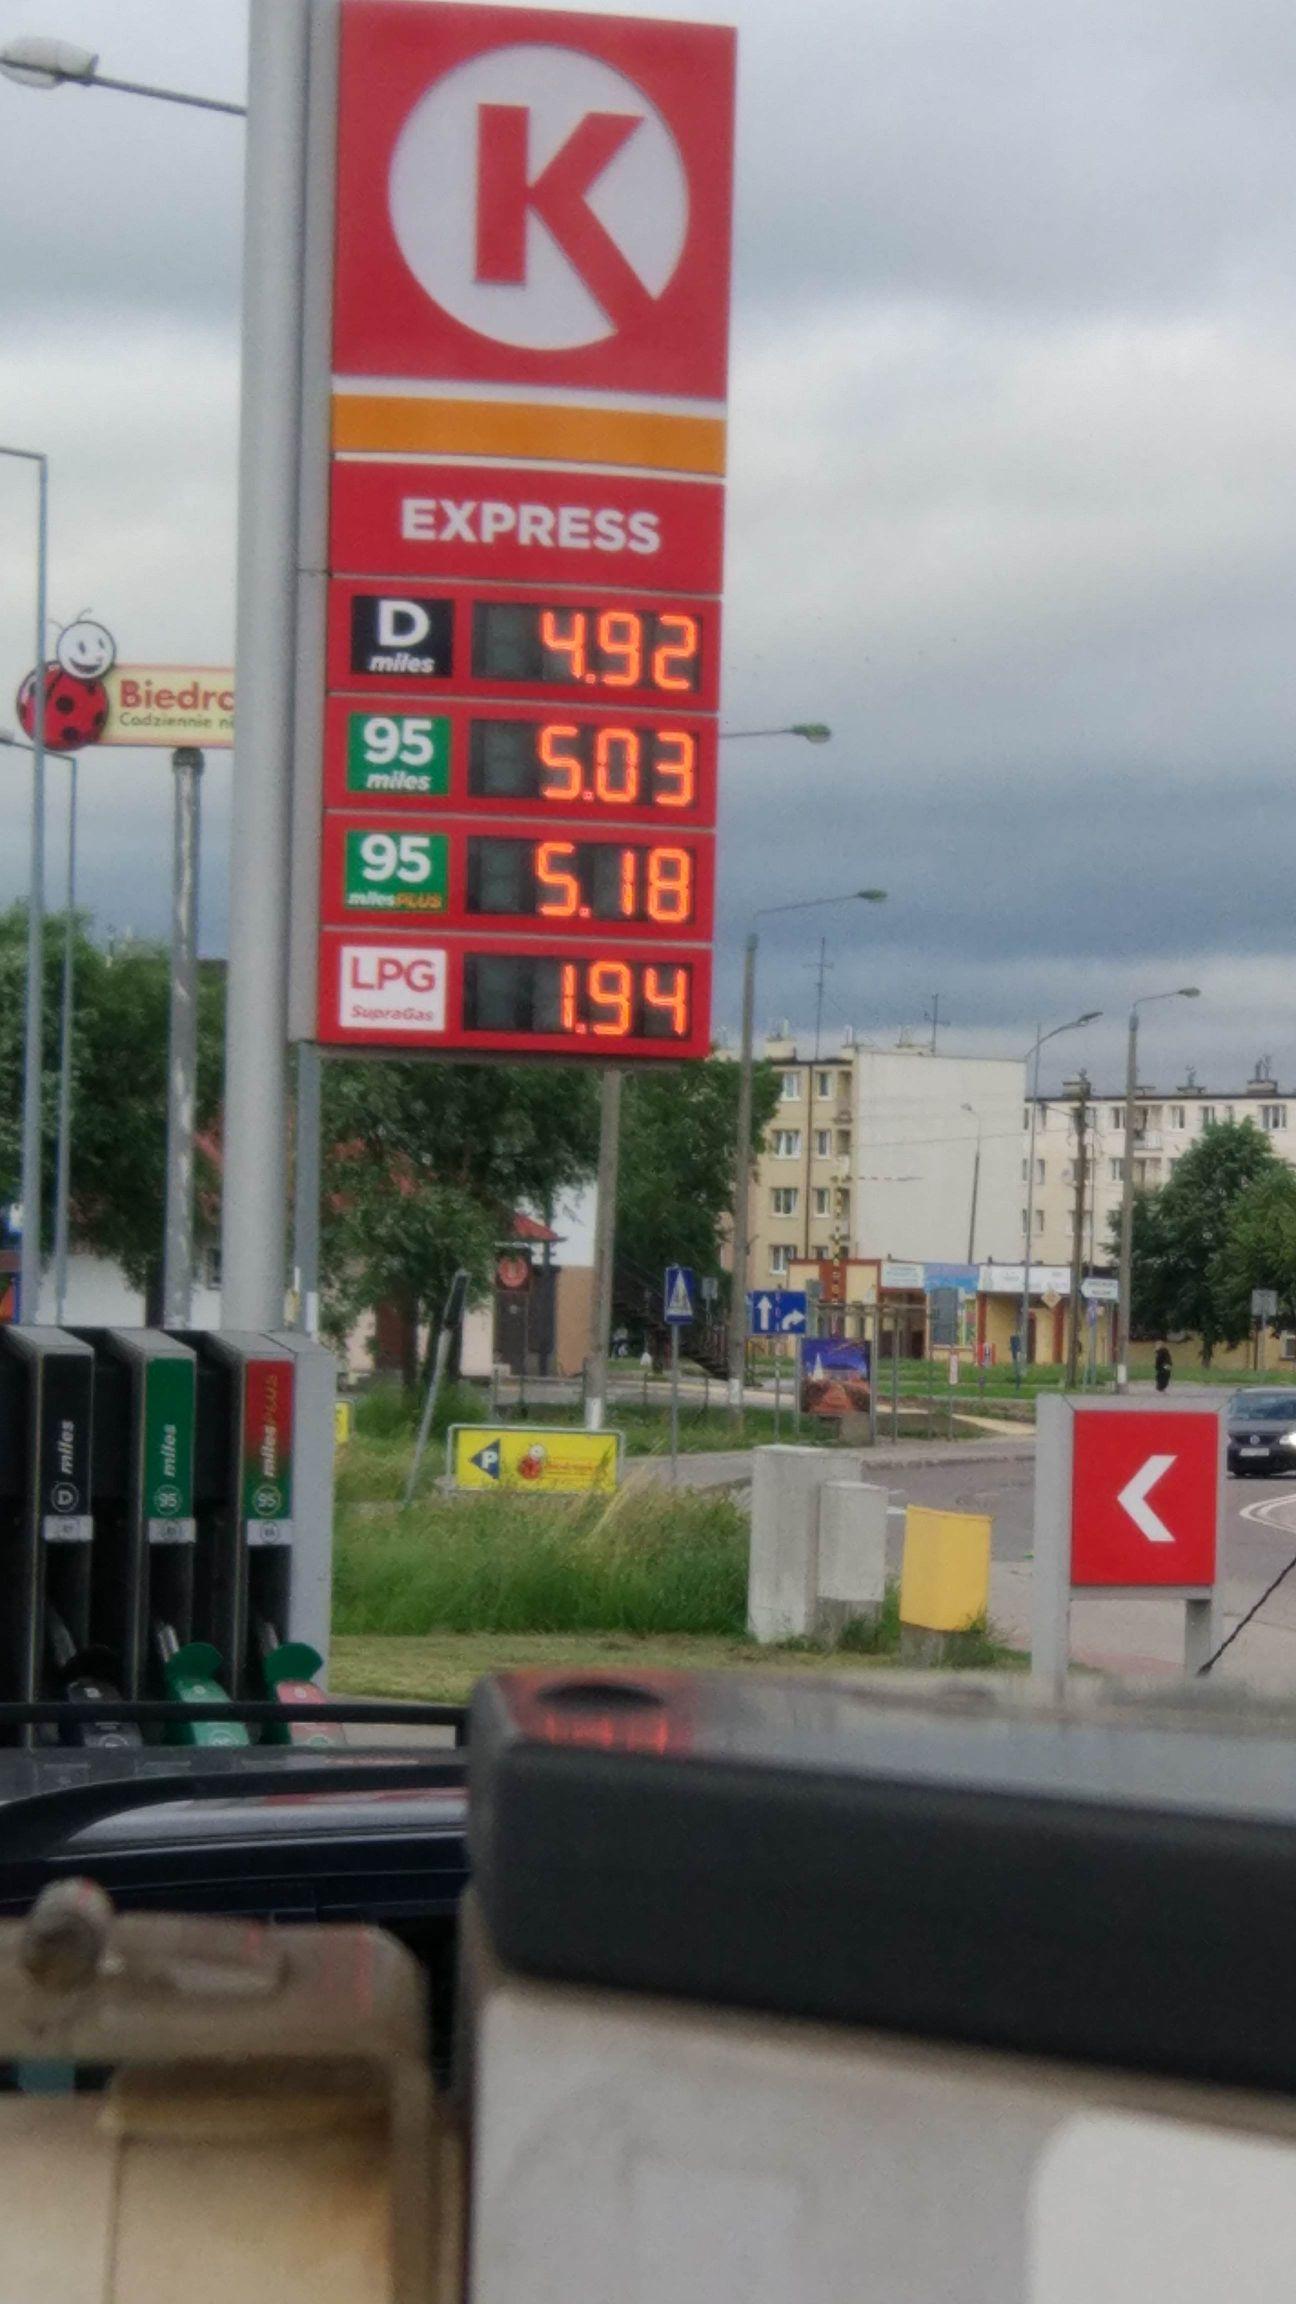 LPG- Pruszcz Gdański 1.94